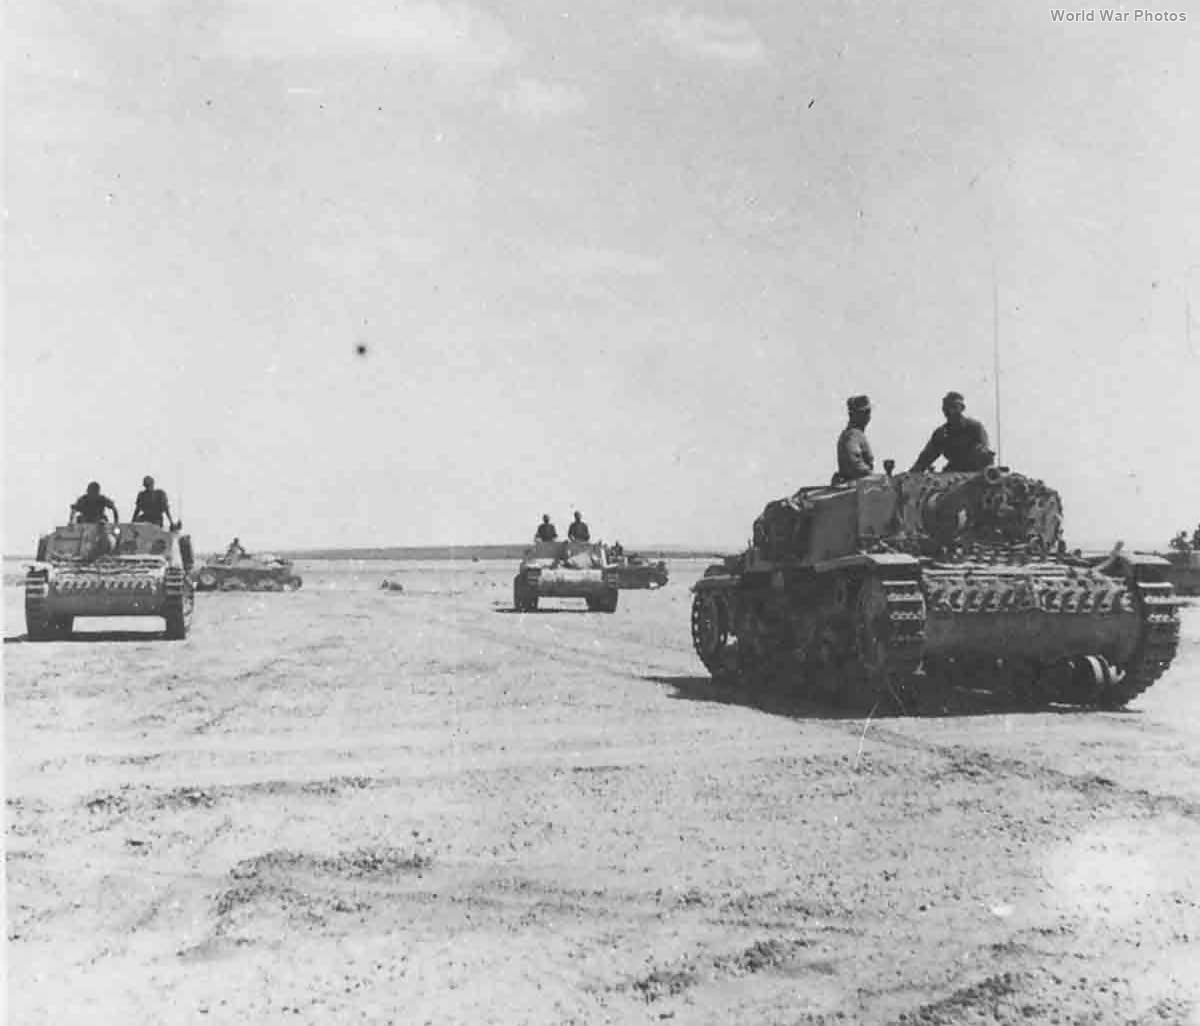 Semovente da 75/18 North Africa 1942 6